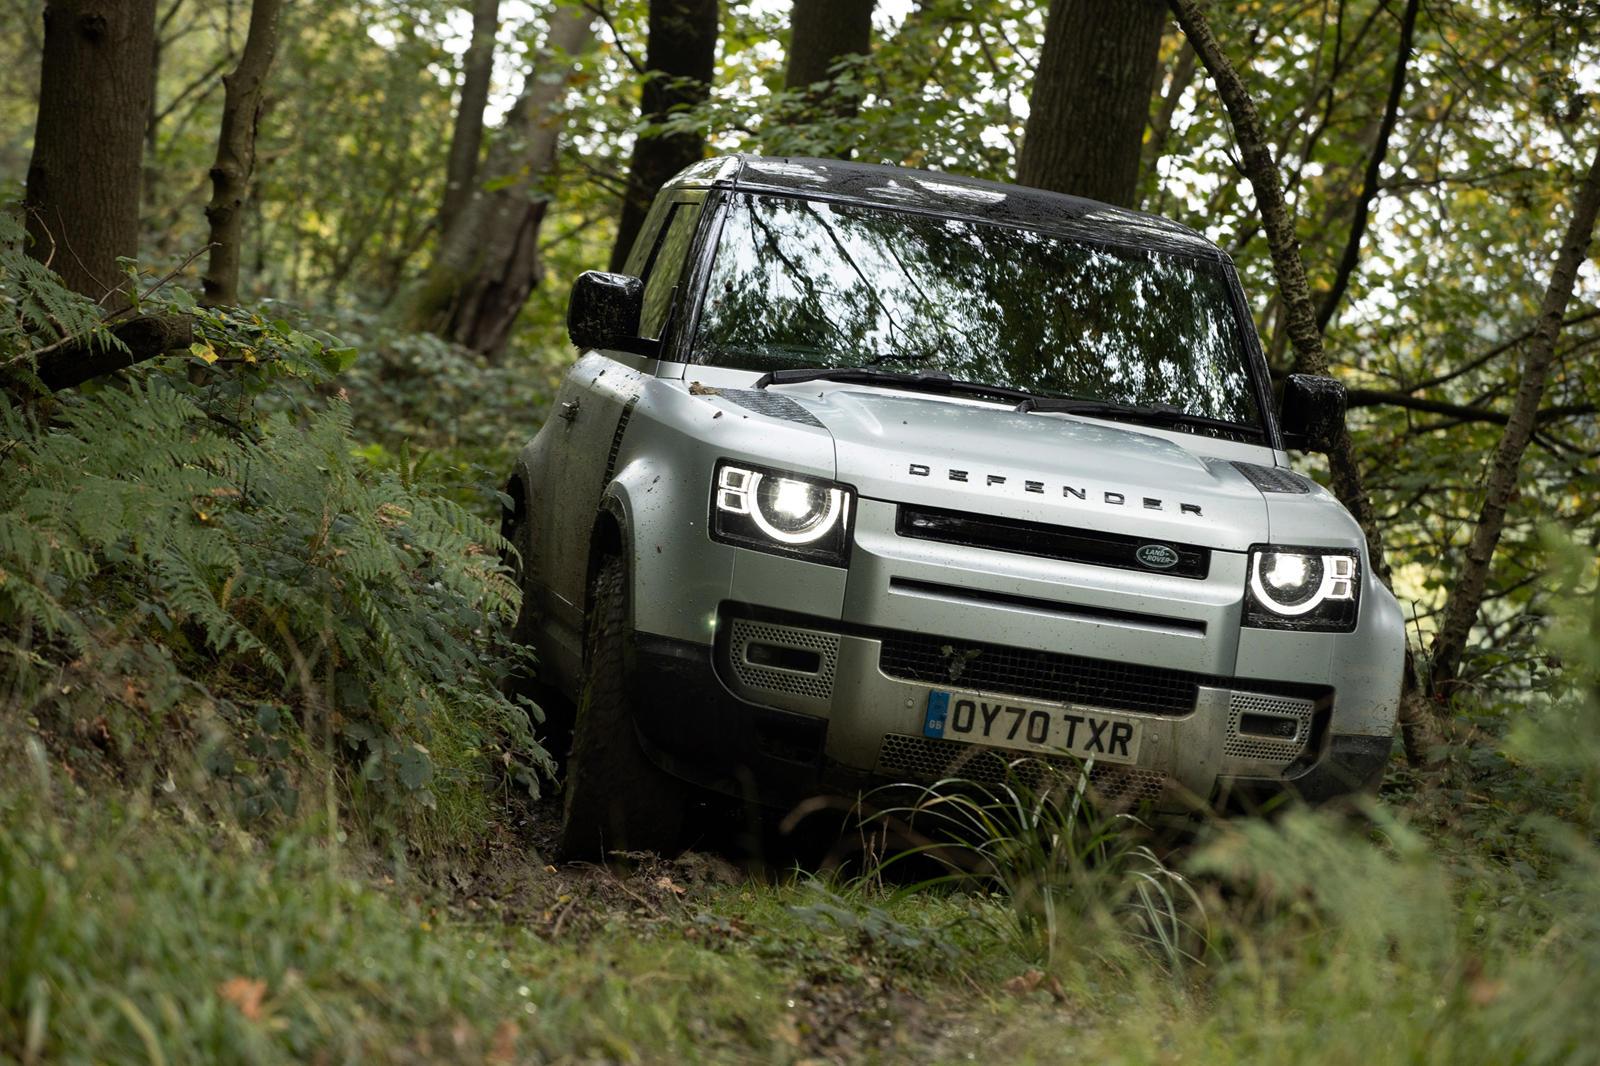 Совершенно новый Land Rover Defender имел оглушительный успех, что неудивительно, учитывая, что он заменил один из самых культовых и мощных внедорожников всех времен. Продающийся всего несколько месяцев, Defender 110 уже превзошел своего предшественн